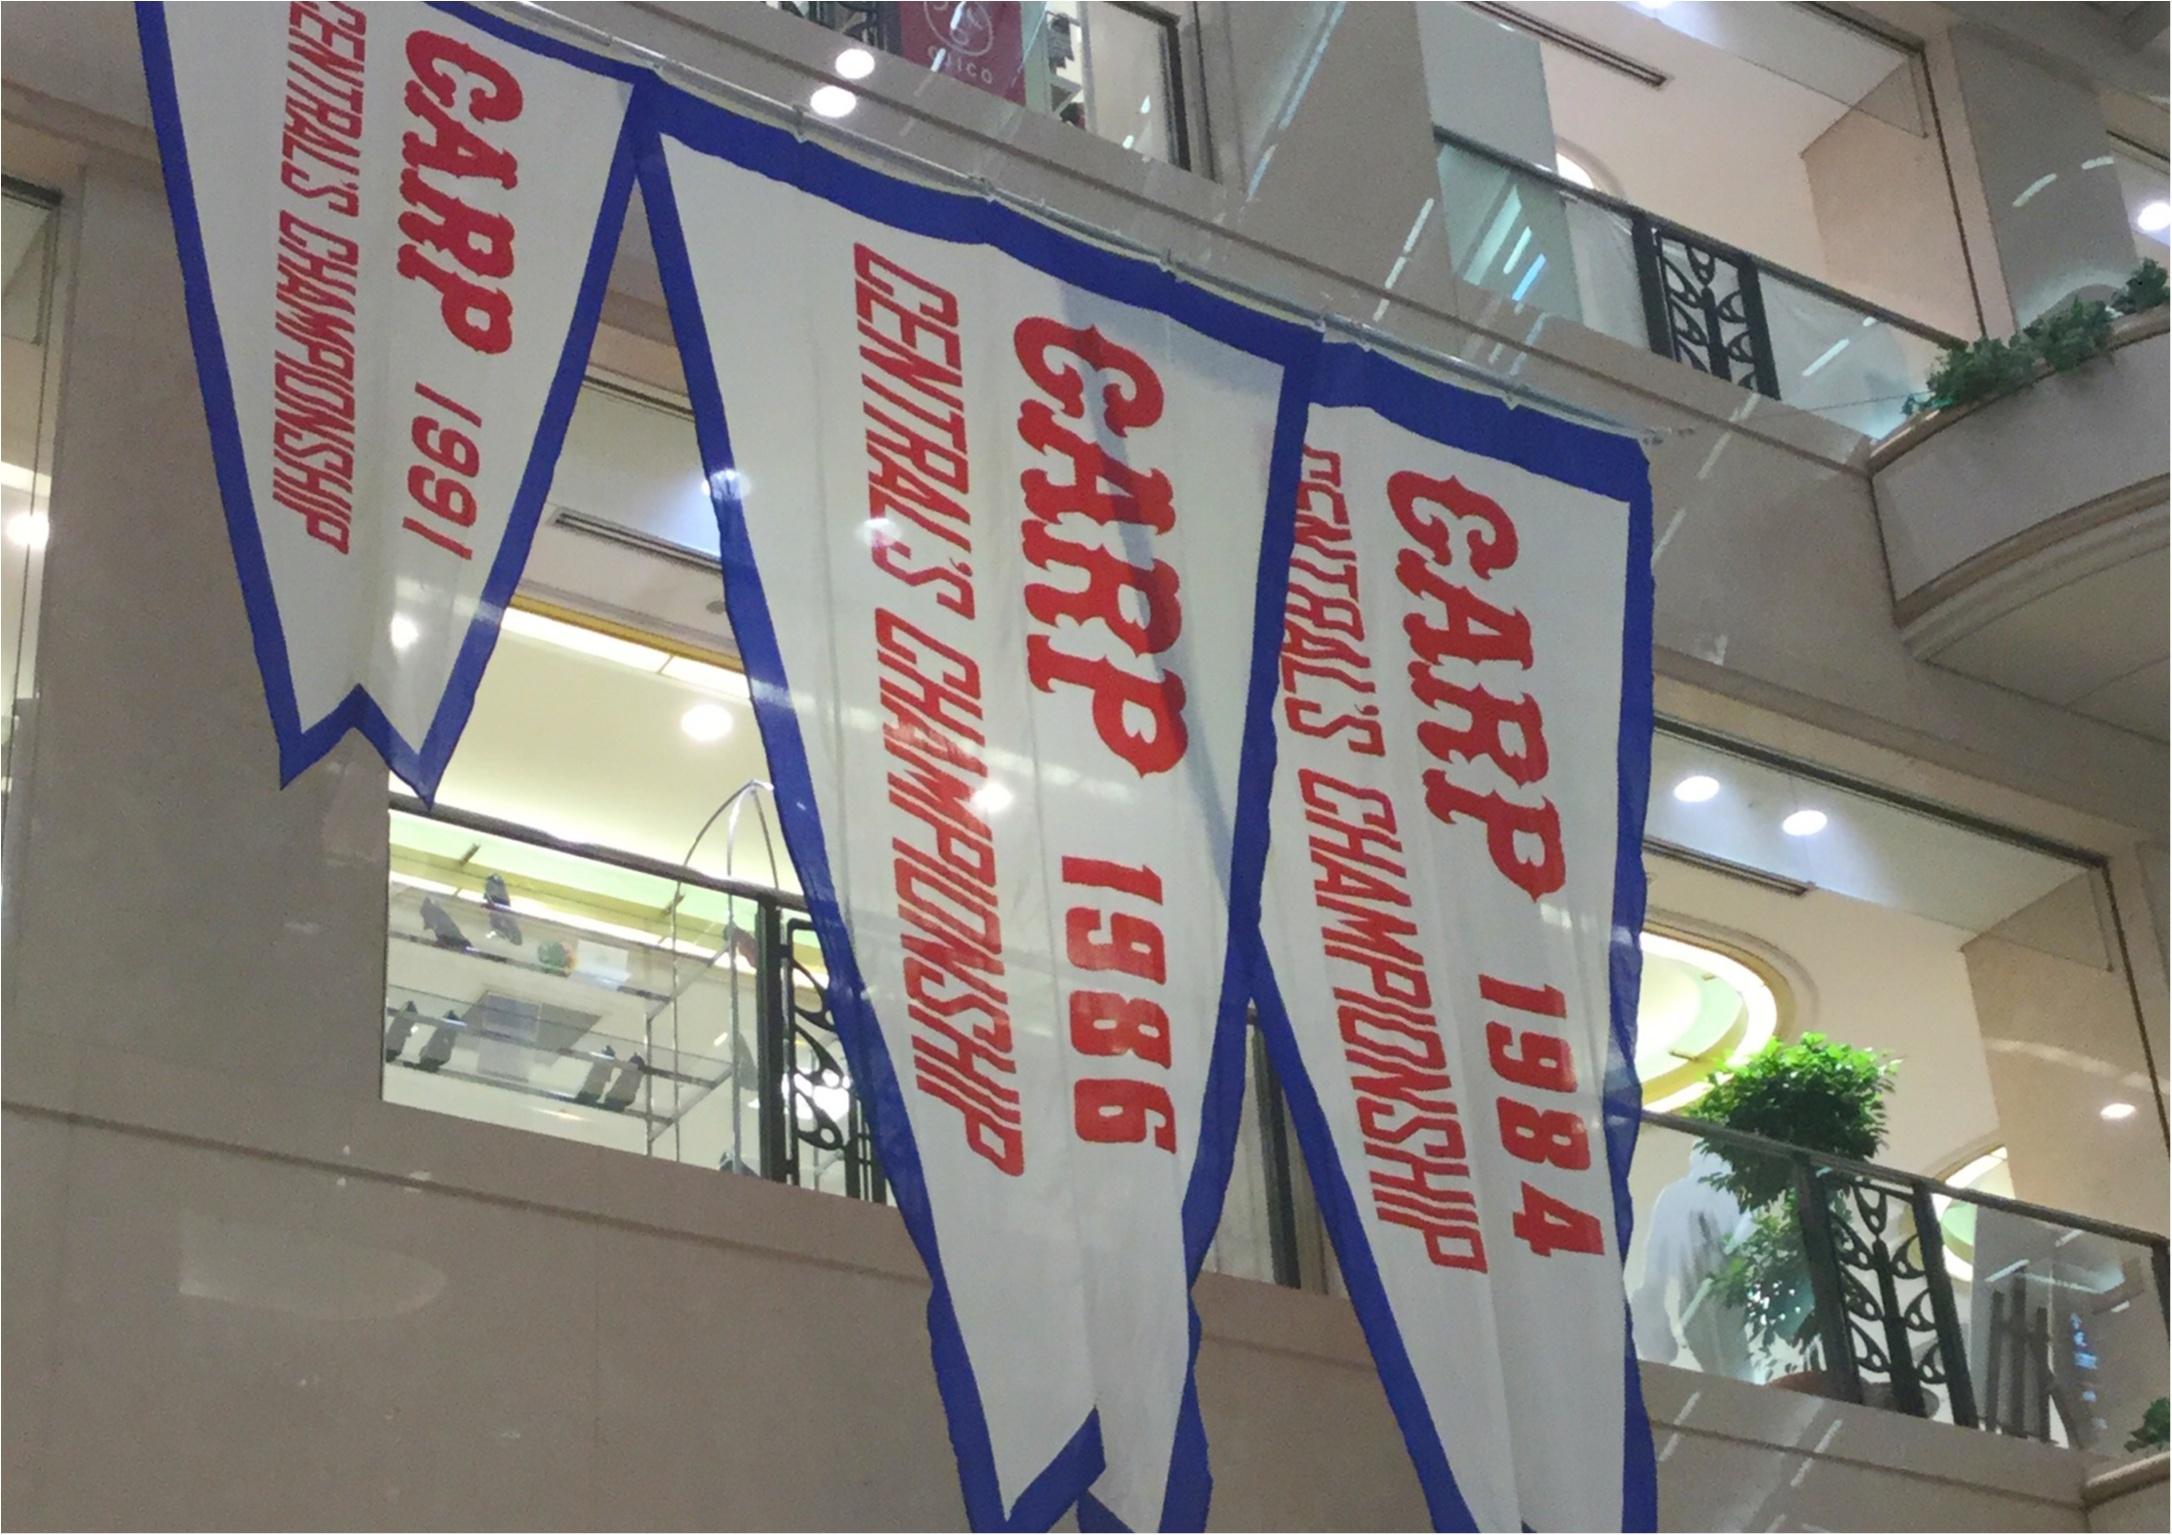 【ここでしか見られない!カープファン必見の展示品&限定グッズ】4/3まで今年も福屋広島駅前店で「カープファンフェスト」が開催中♡_3